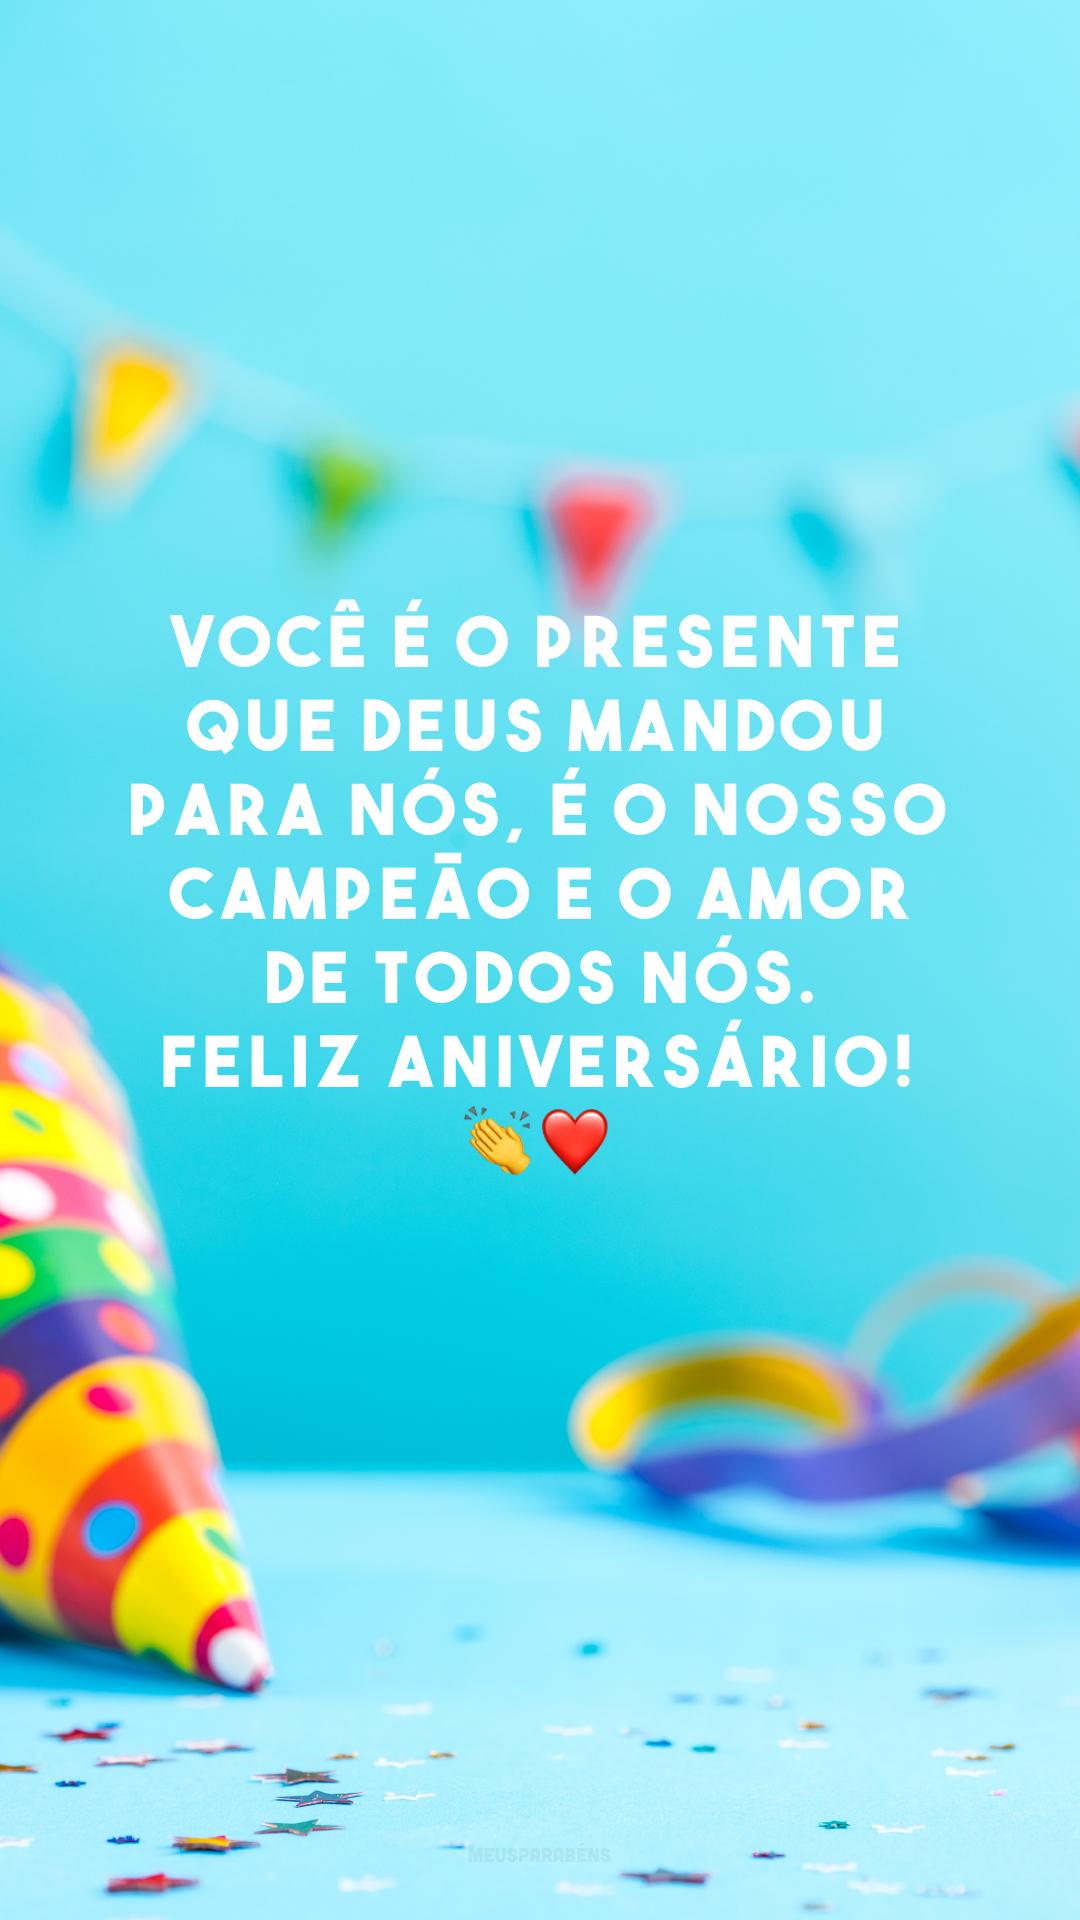 Você é o presente que Deus mandou para nós, é o nosso campeão e o amor de todos nós. Feliz aniversário! 👏❤️